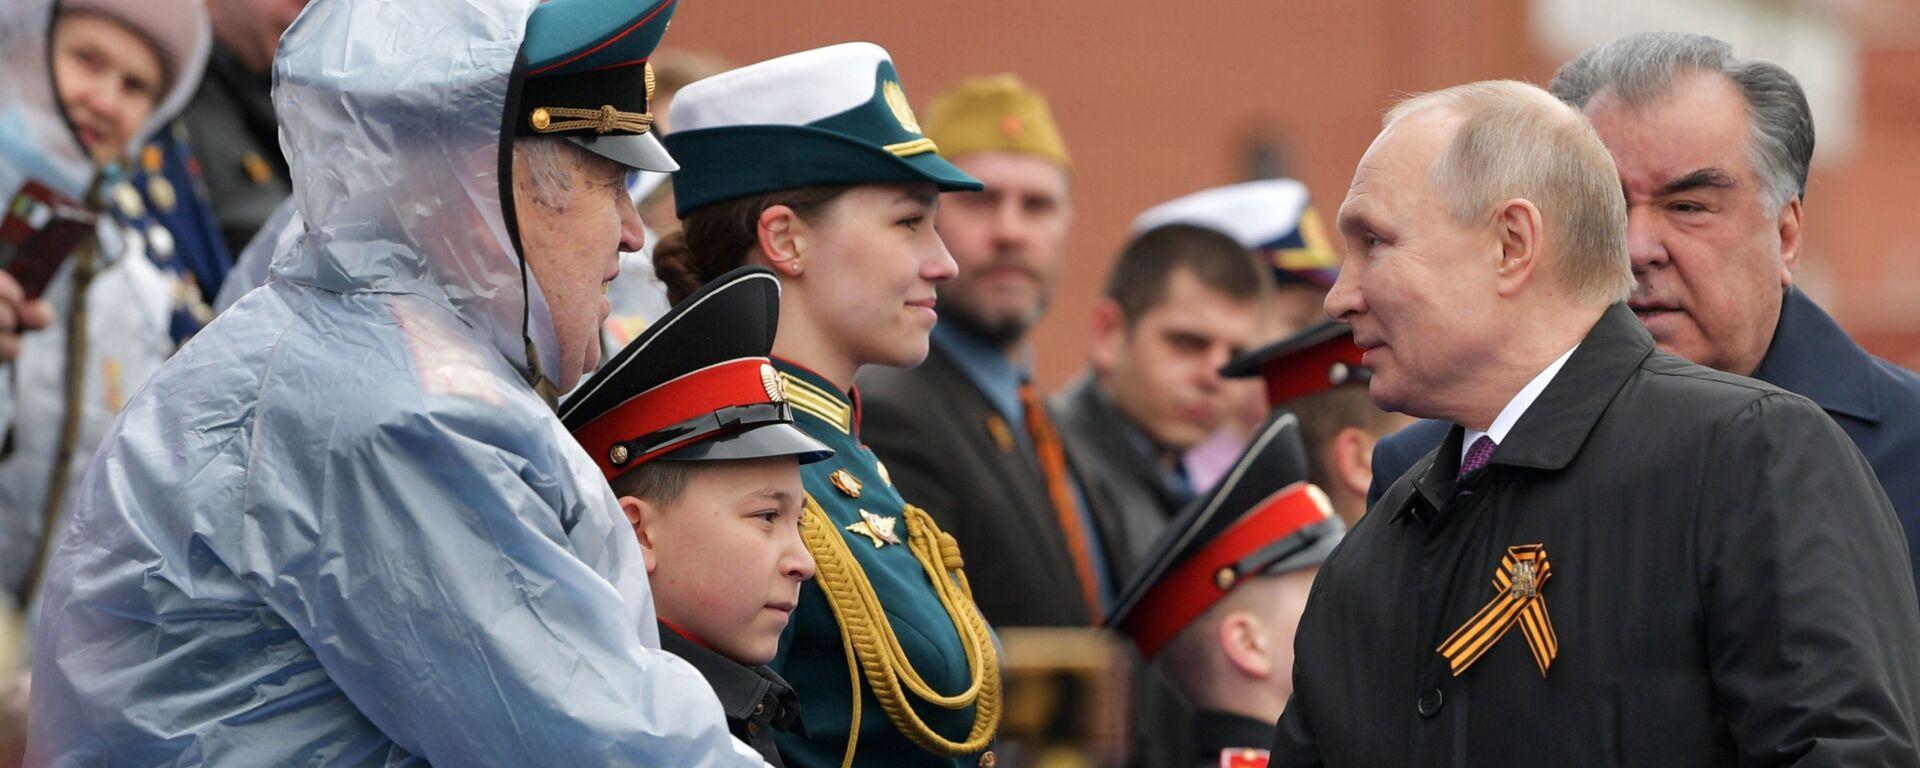 Prezident Putin na vojenské přehlídce na počest 76. výročí vítězství ve Velké vlastenecké válce - Sputnik Česká republika, 1920, 09.05.2021